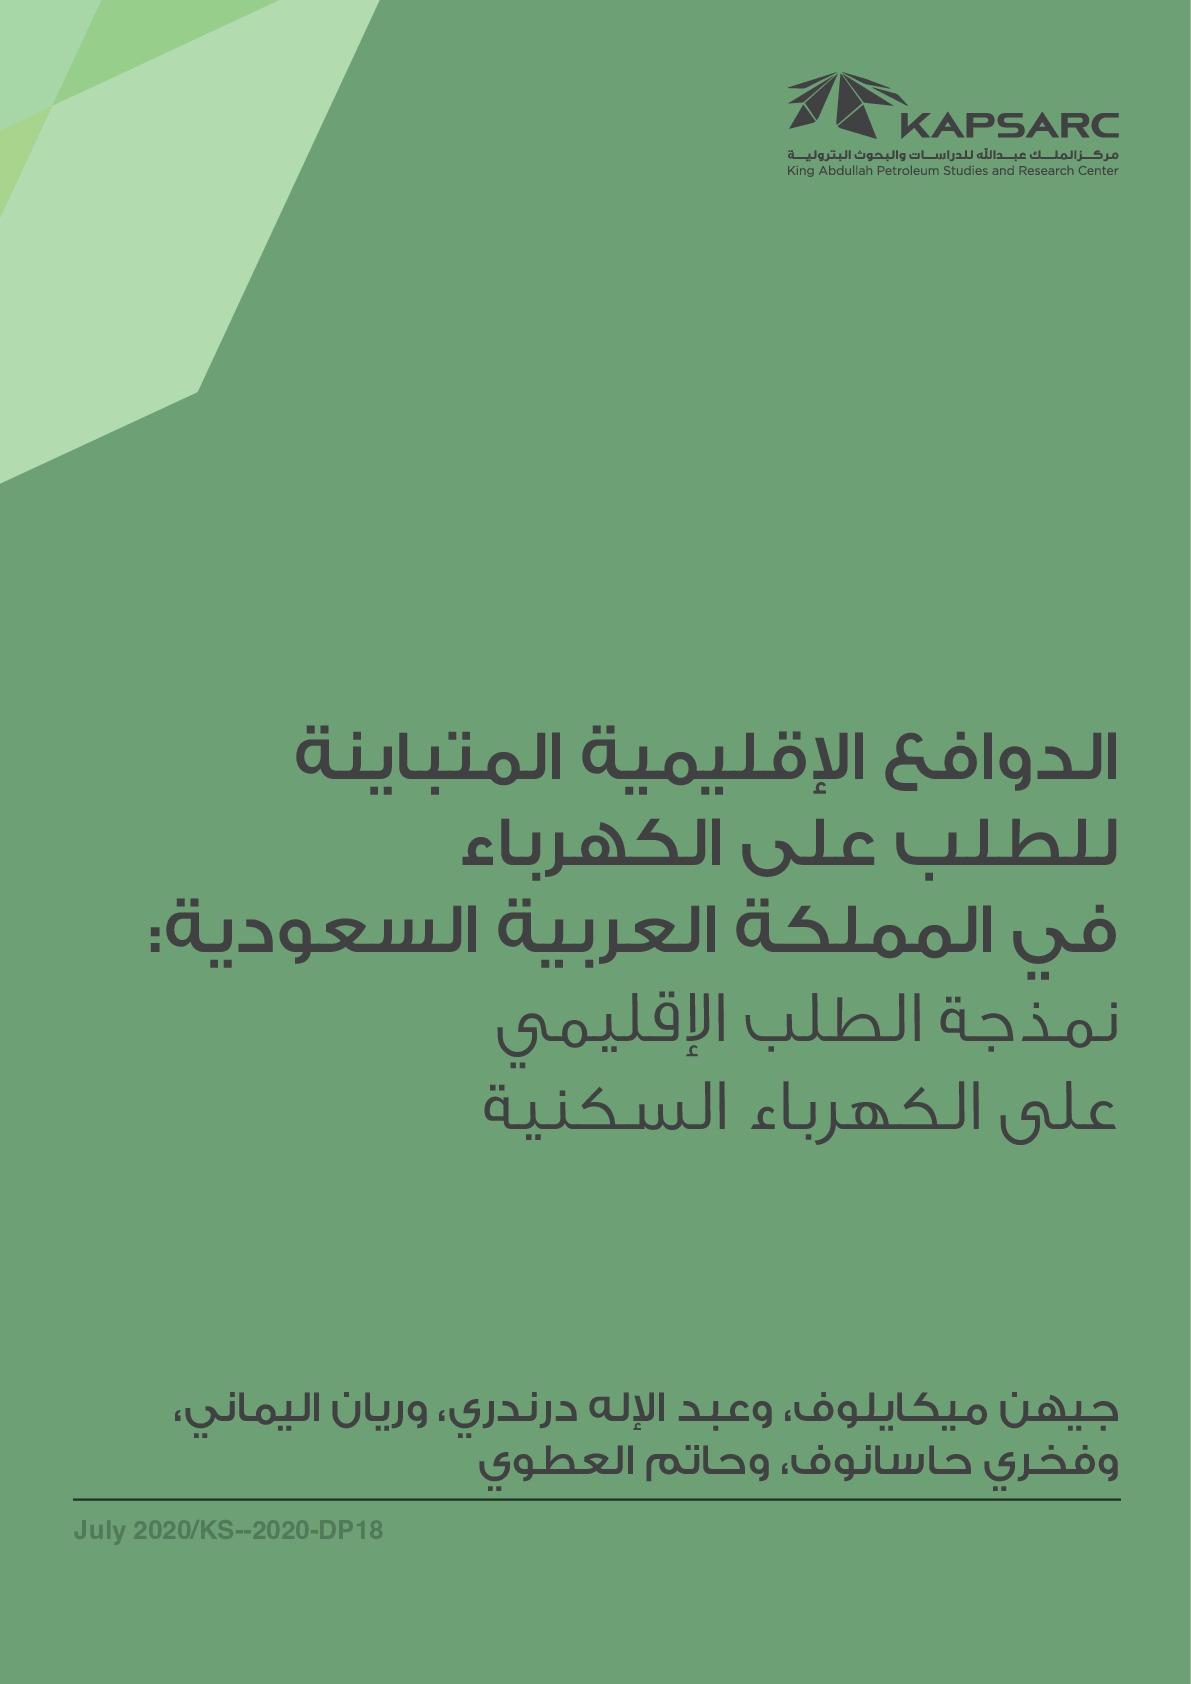 الدوافع الإقليمية المتباينة للطلب على الكهرباء في المملكة العربية السعودية